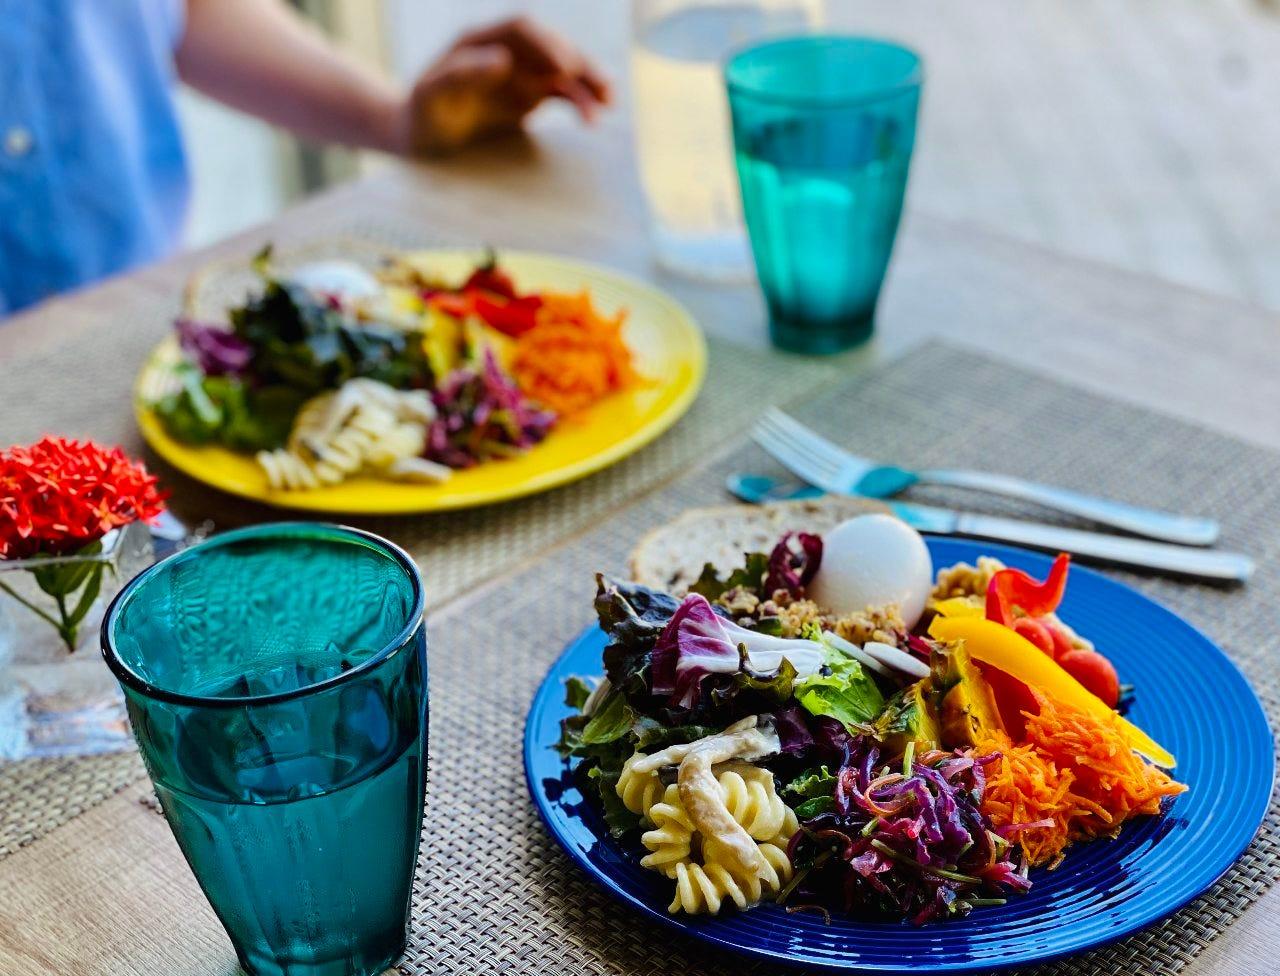 【ランチ】新鮮サラダが食べ放題